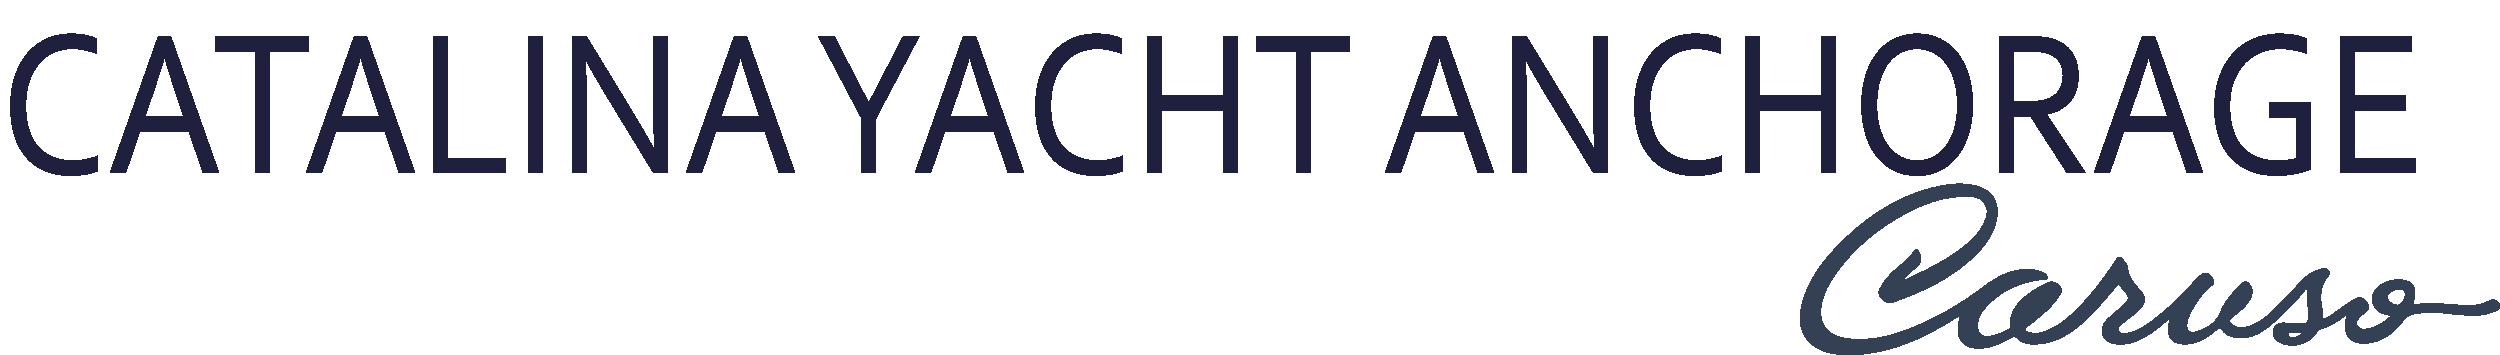 Catalina Yacht Anchorage • An Almar Marina